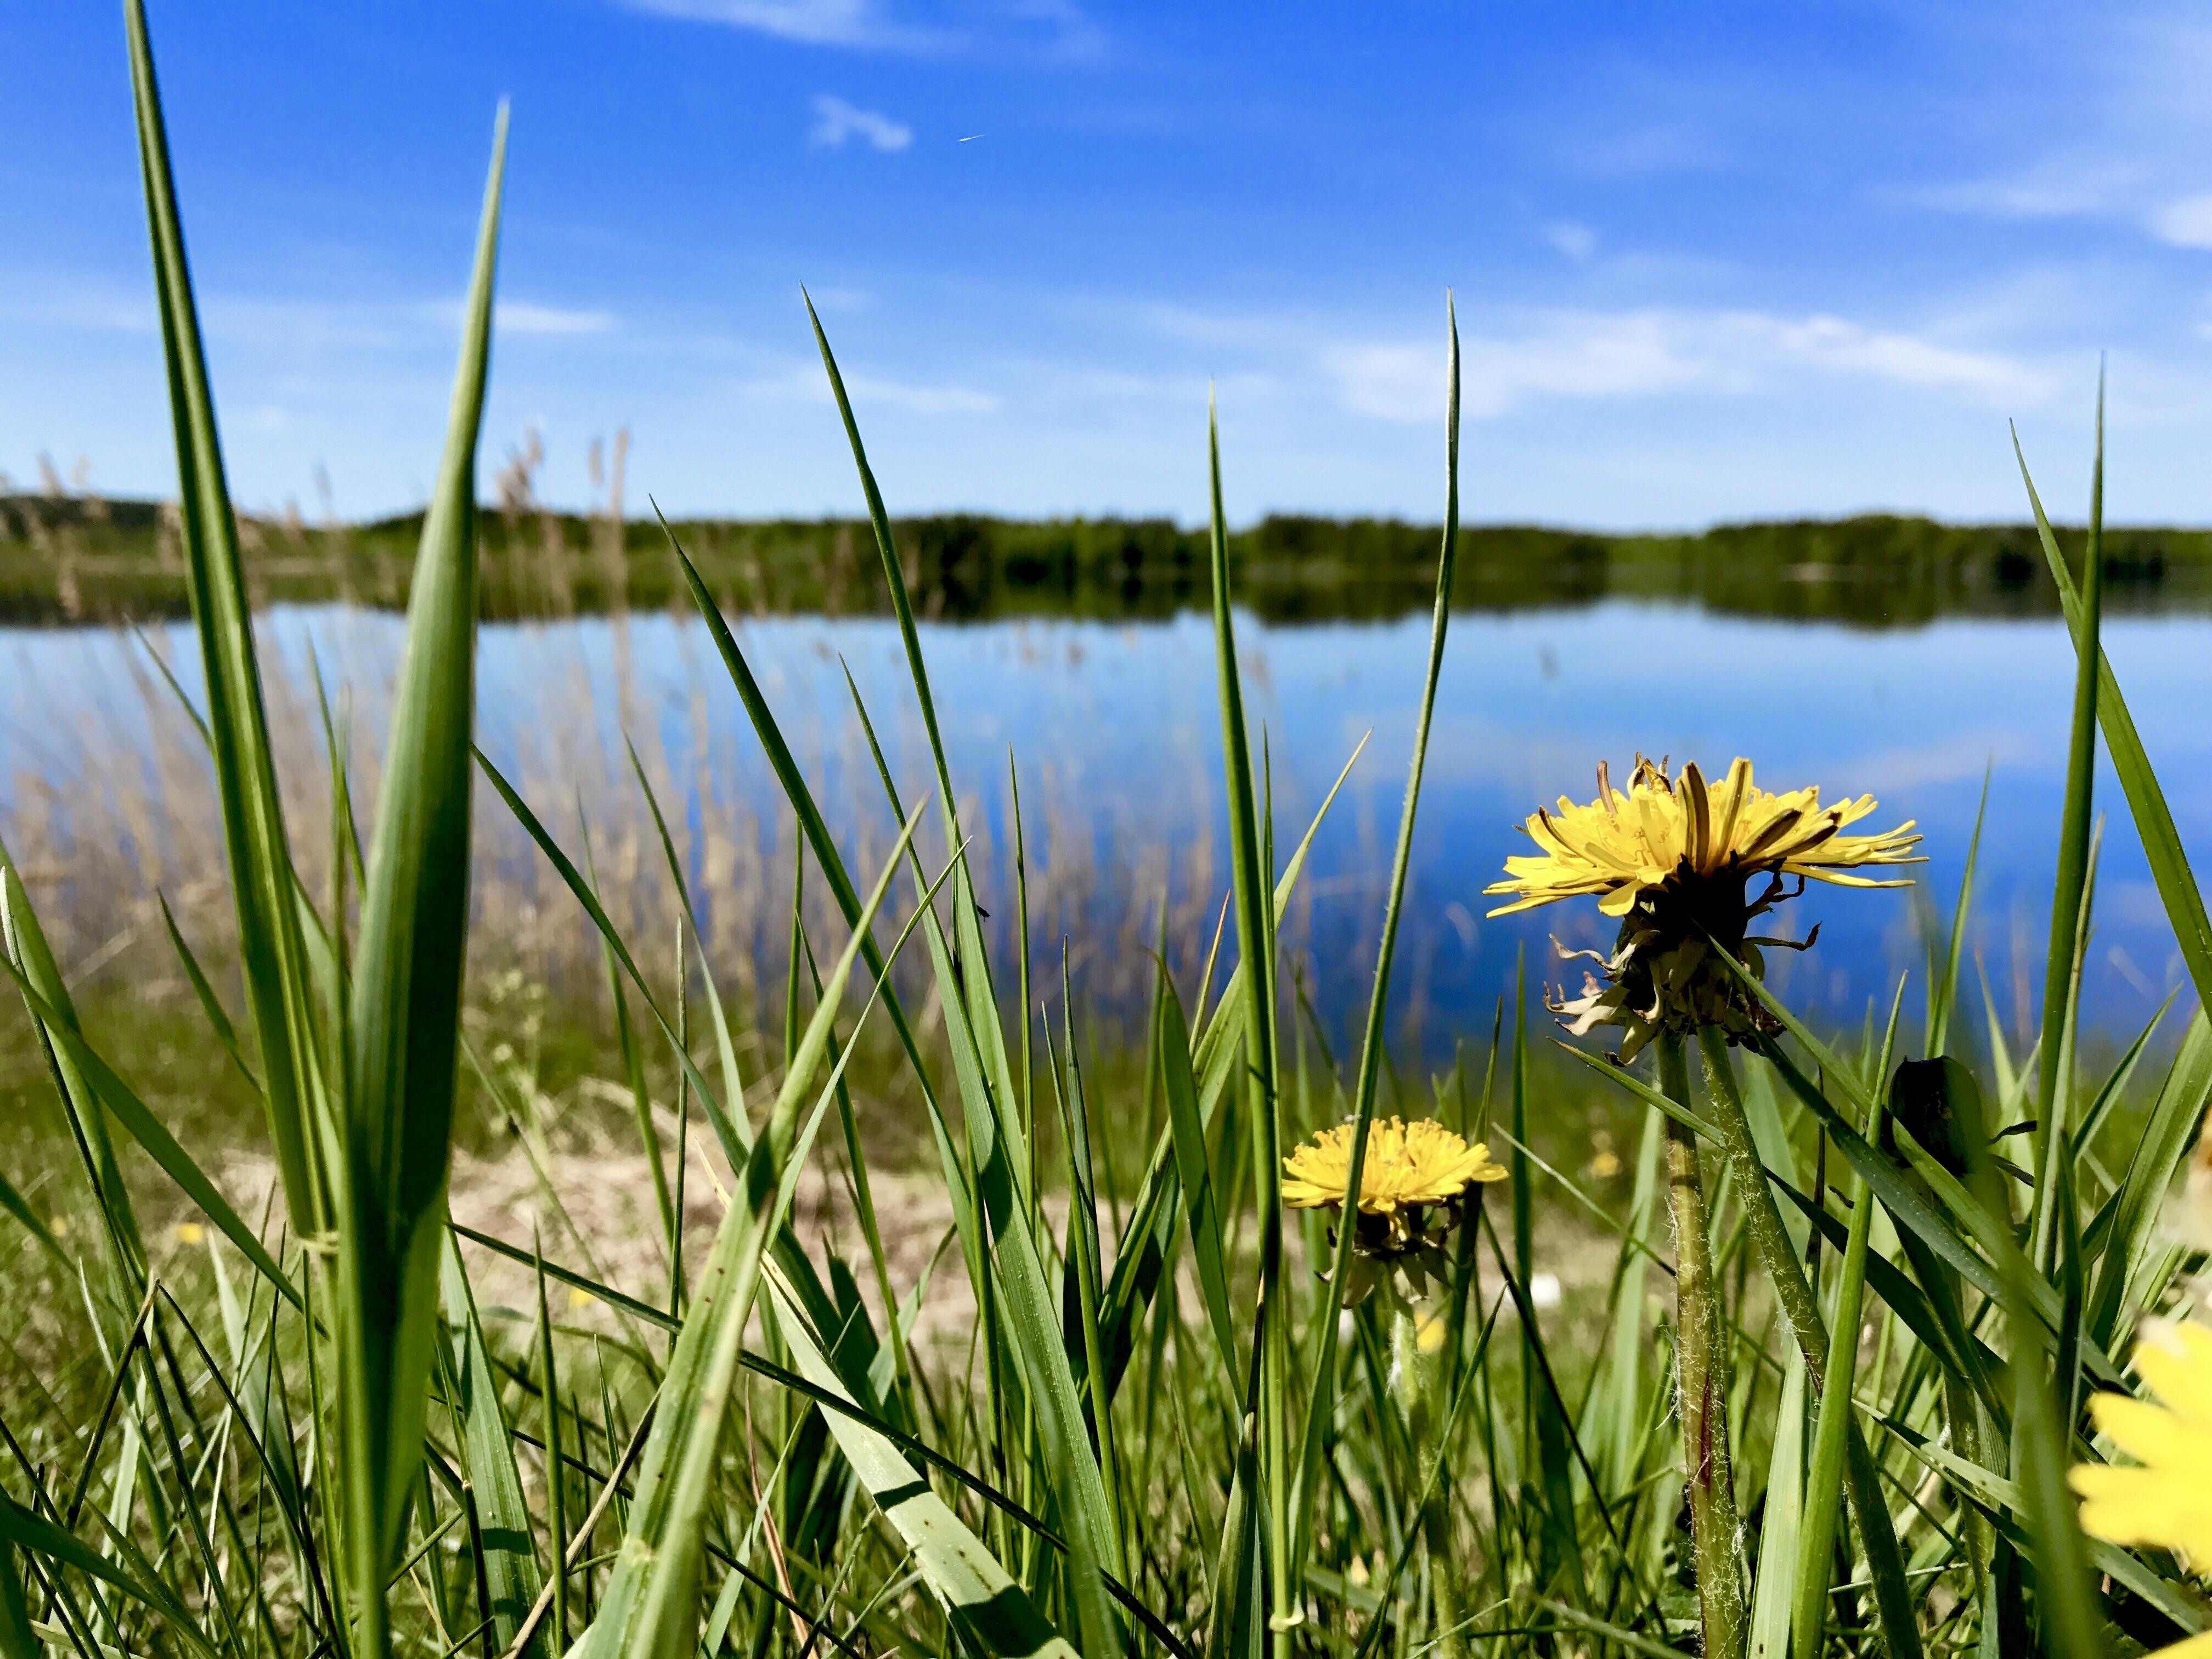 gula blommor mot blå himmel